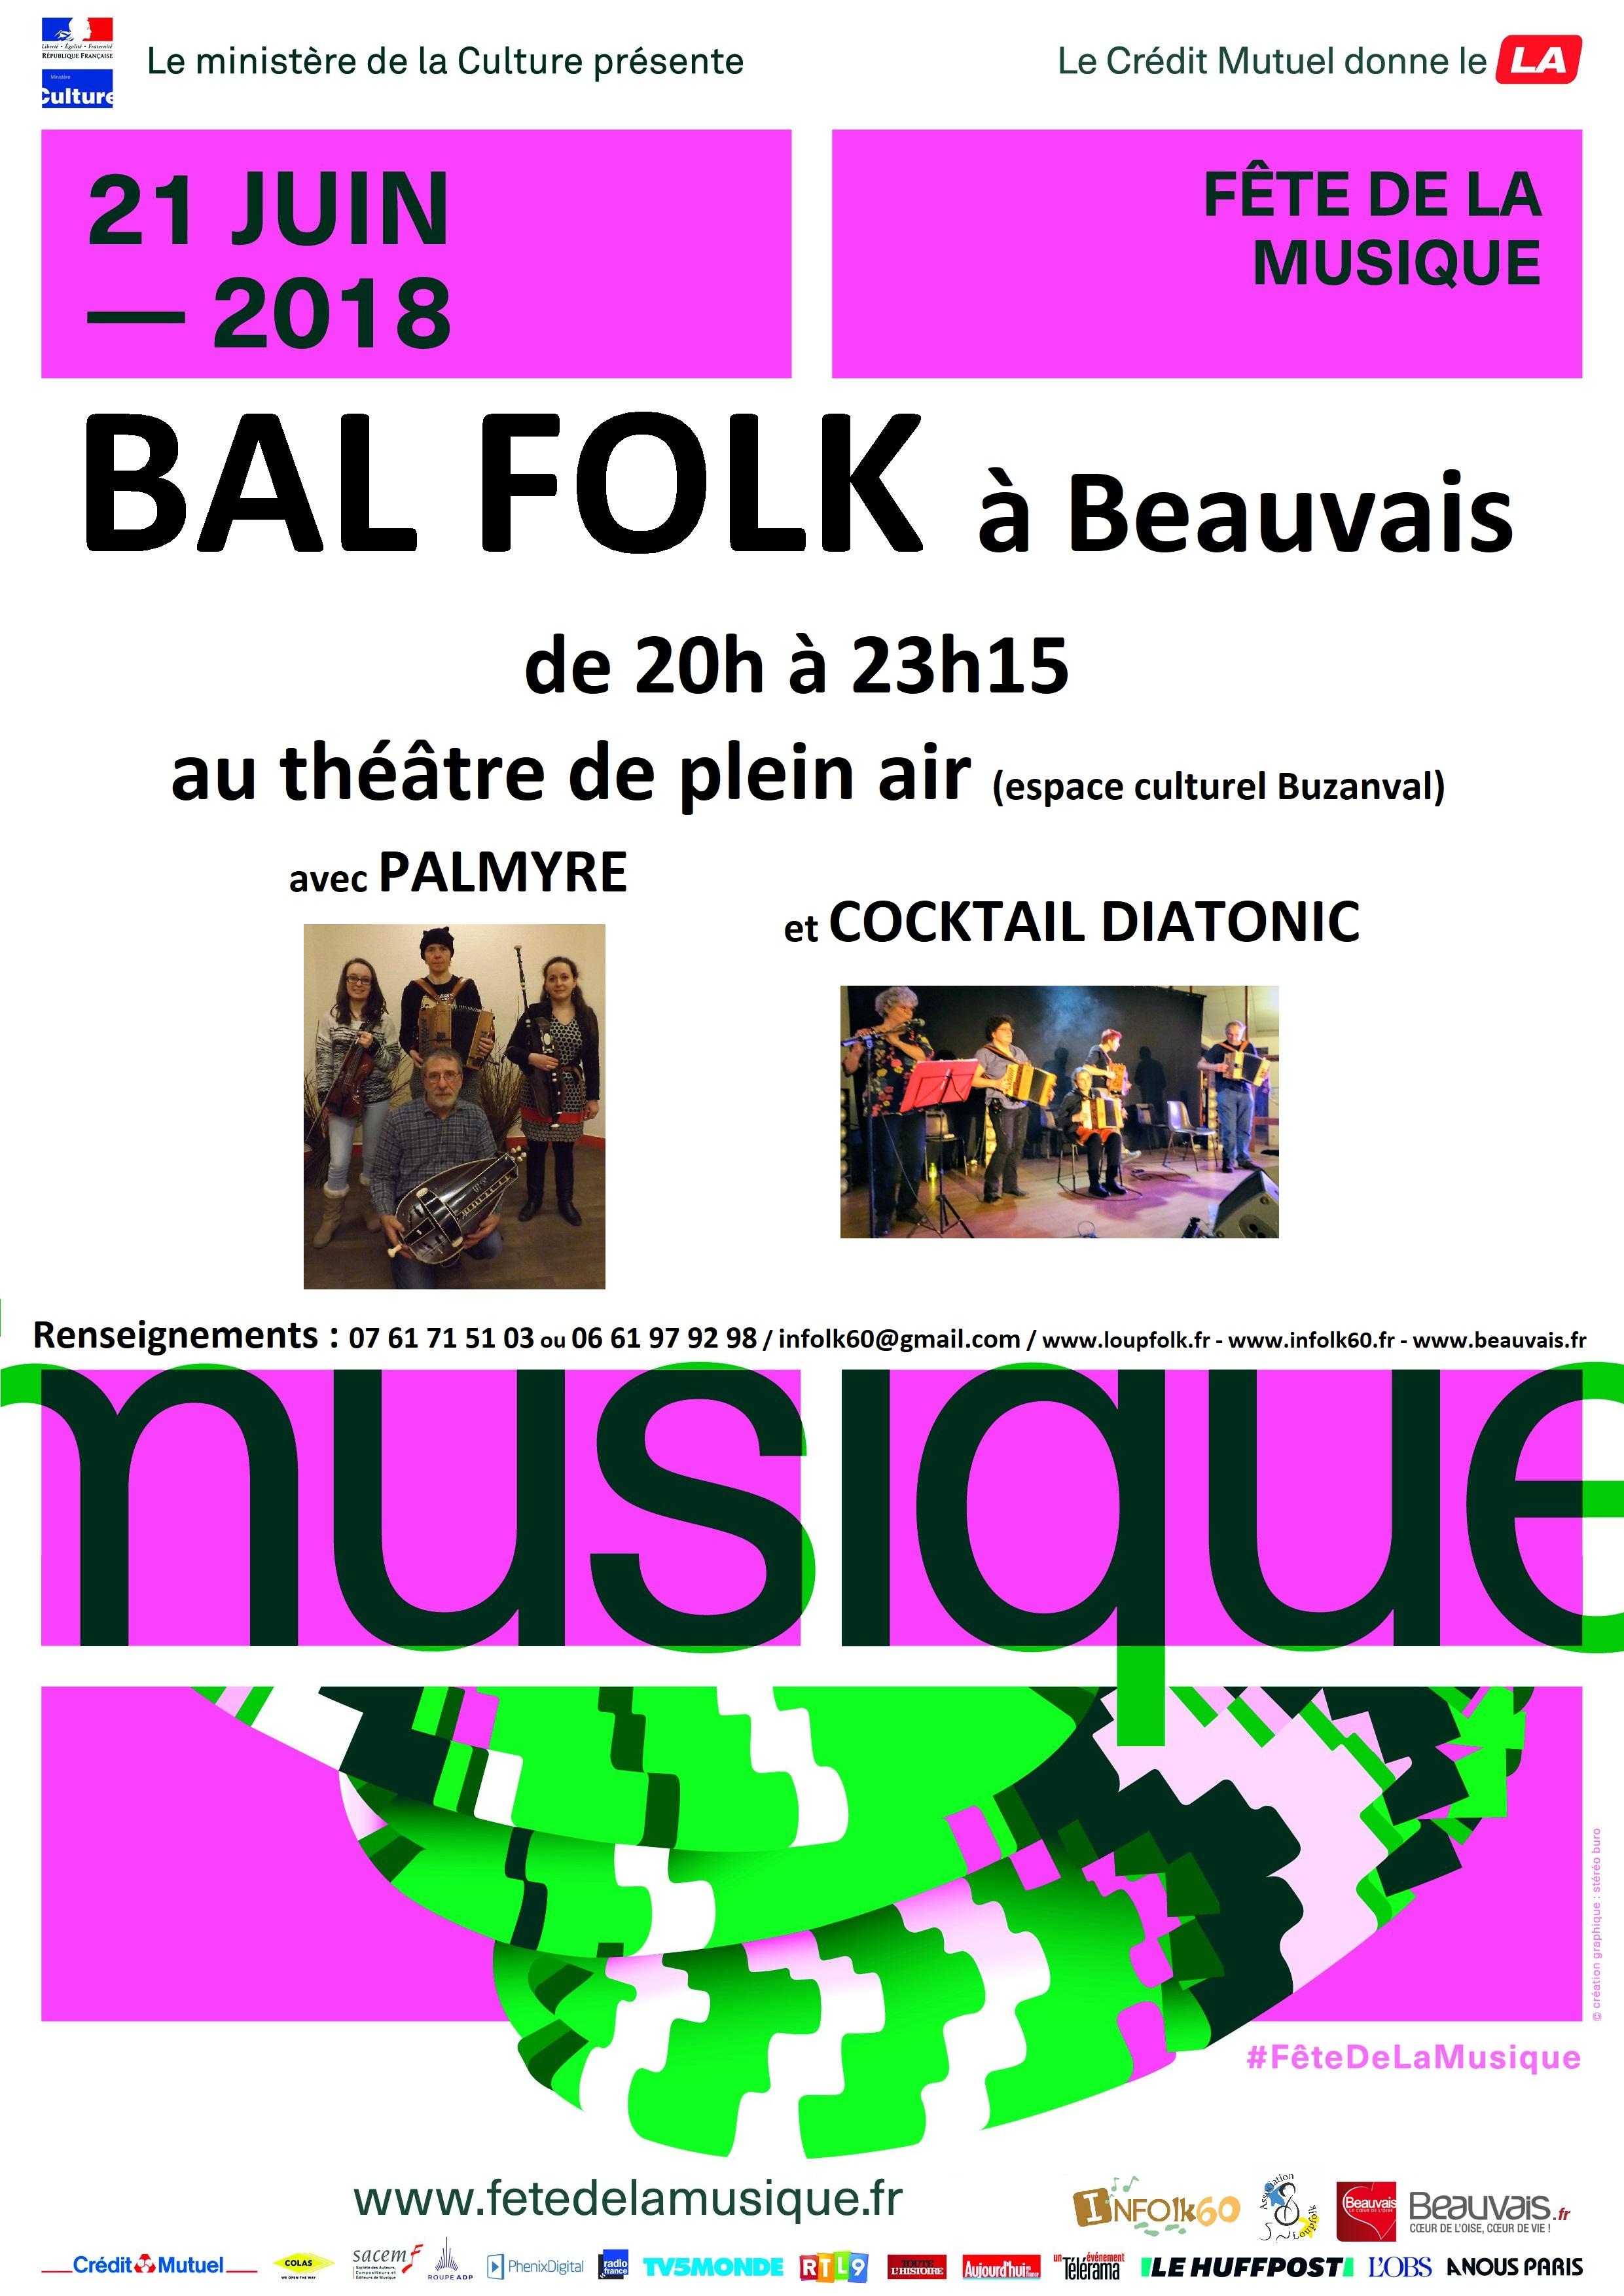 Affiche Bal folk bal folk de la fête de la musique 2018 à Beauvais